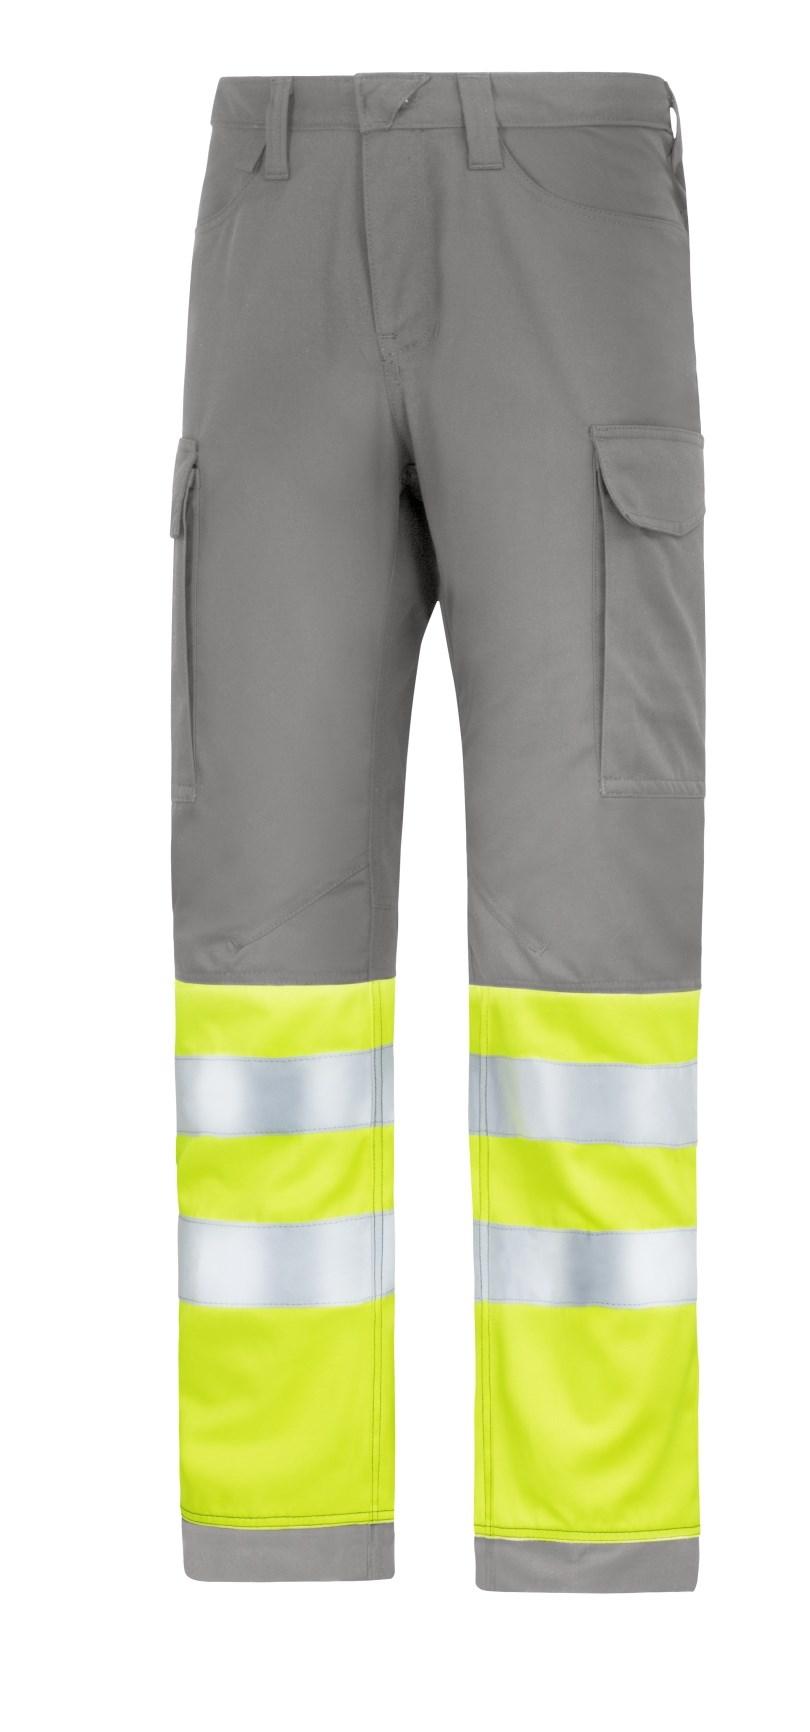 3d883bbc 6900 Sjåførbukse klasse 1 frå Snickers Workwear. Komfort og funksjon